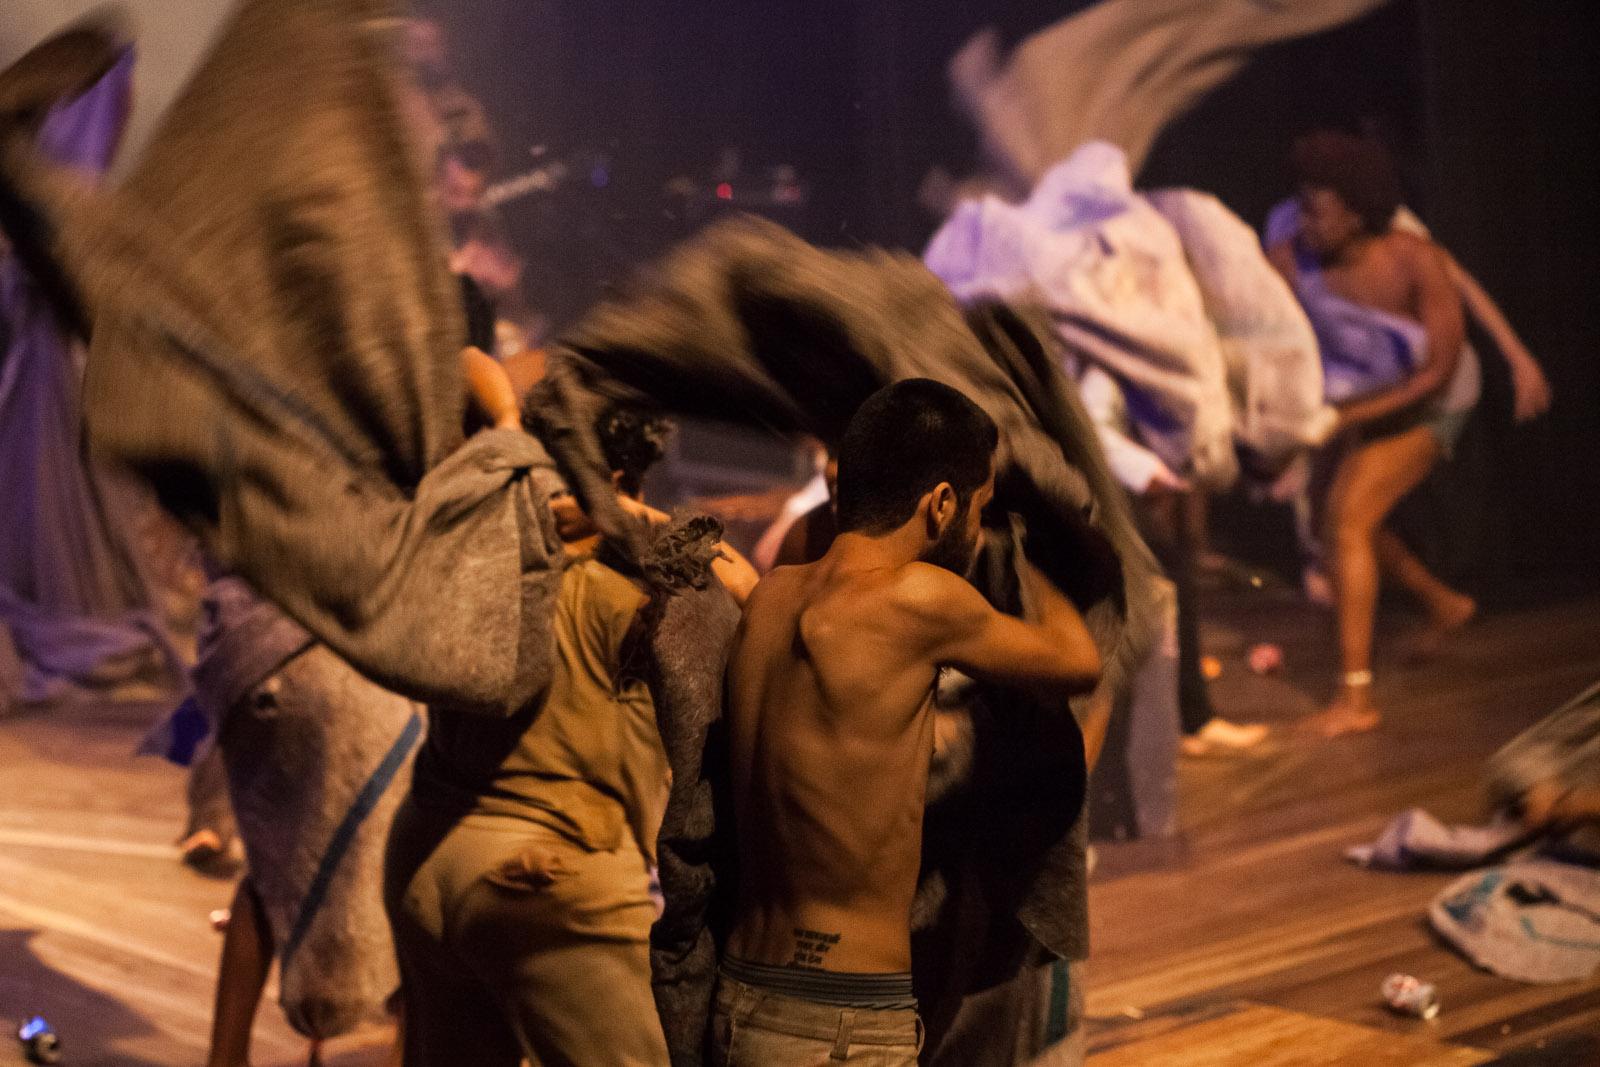 Benedites (Coletivo Ocupa Teatro - UFU – Uberlândia/MG)